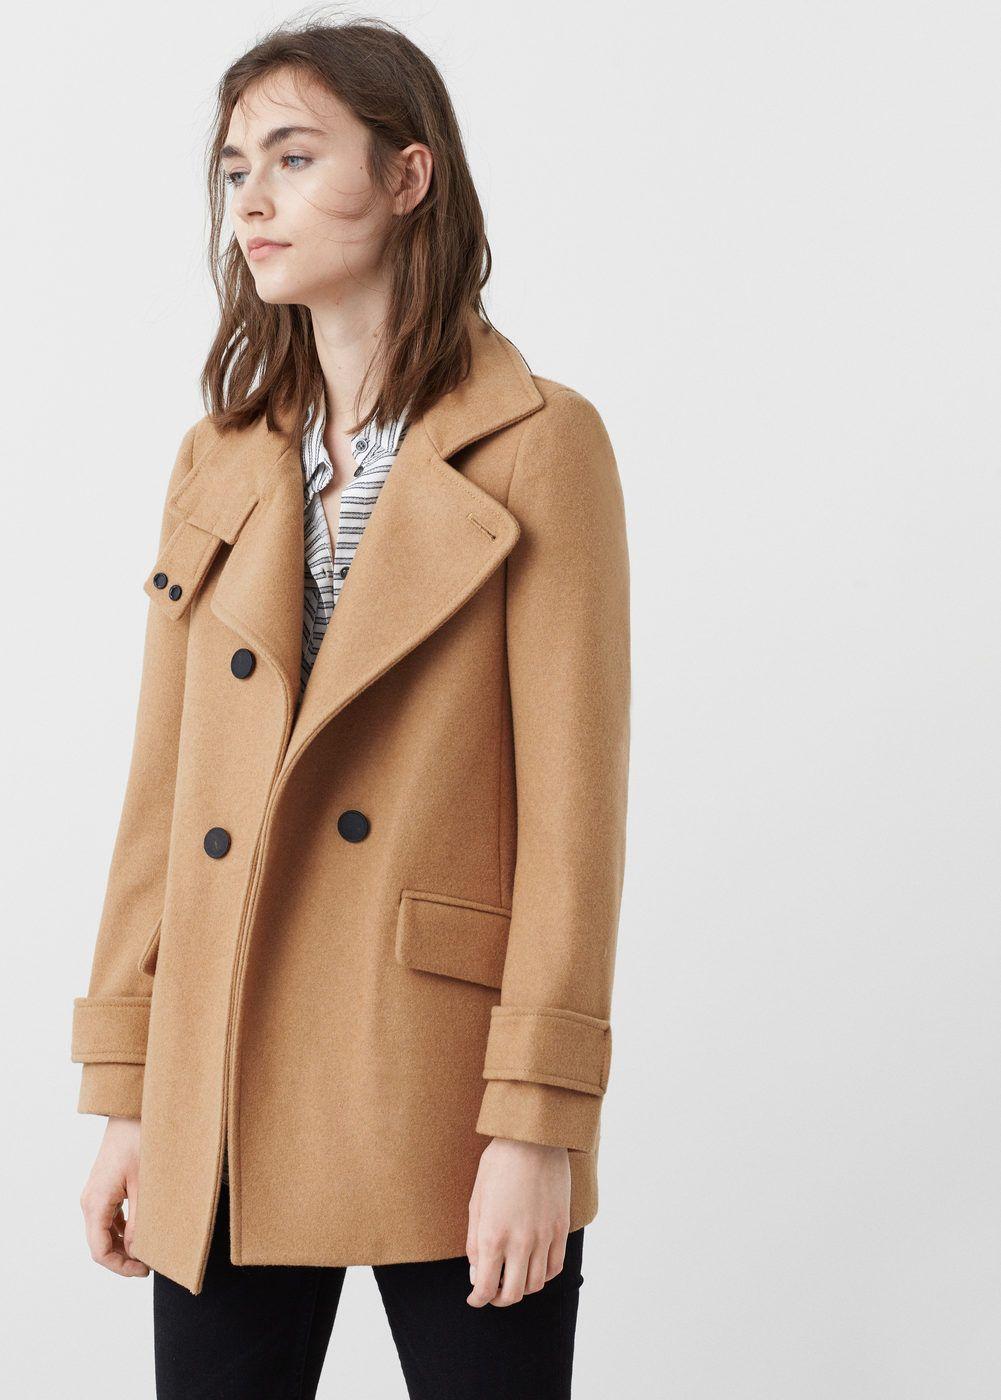 Zweireihiger mantel aus woll mix Damen | Mäntel frauen